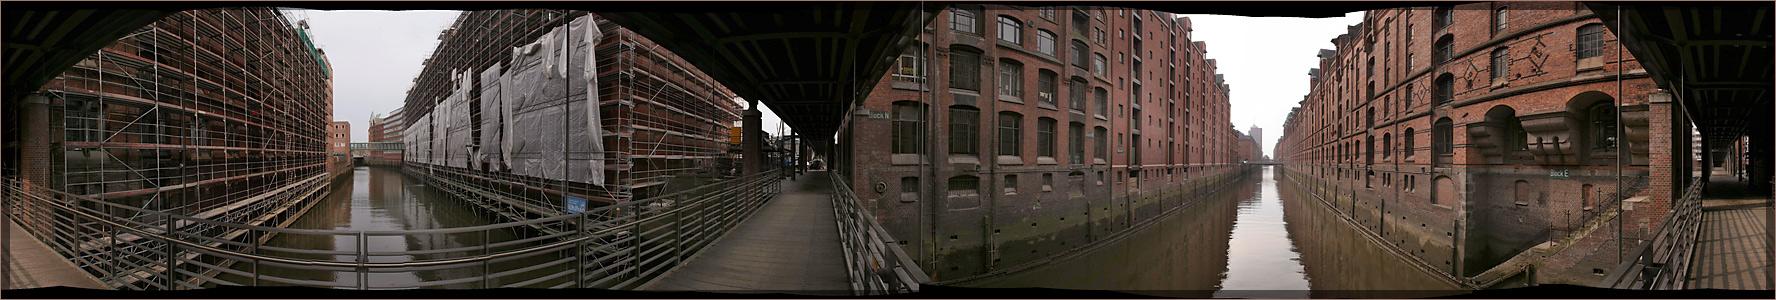 Speicherstadt Hamburg - fc 4 Jahresfeier